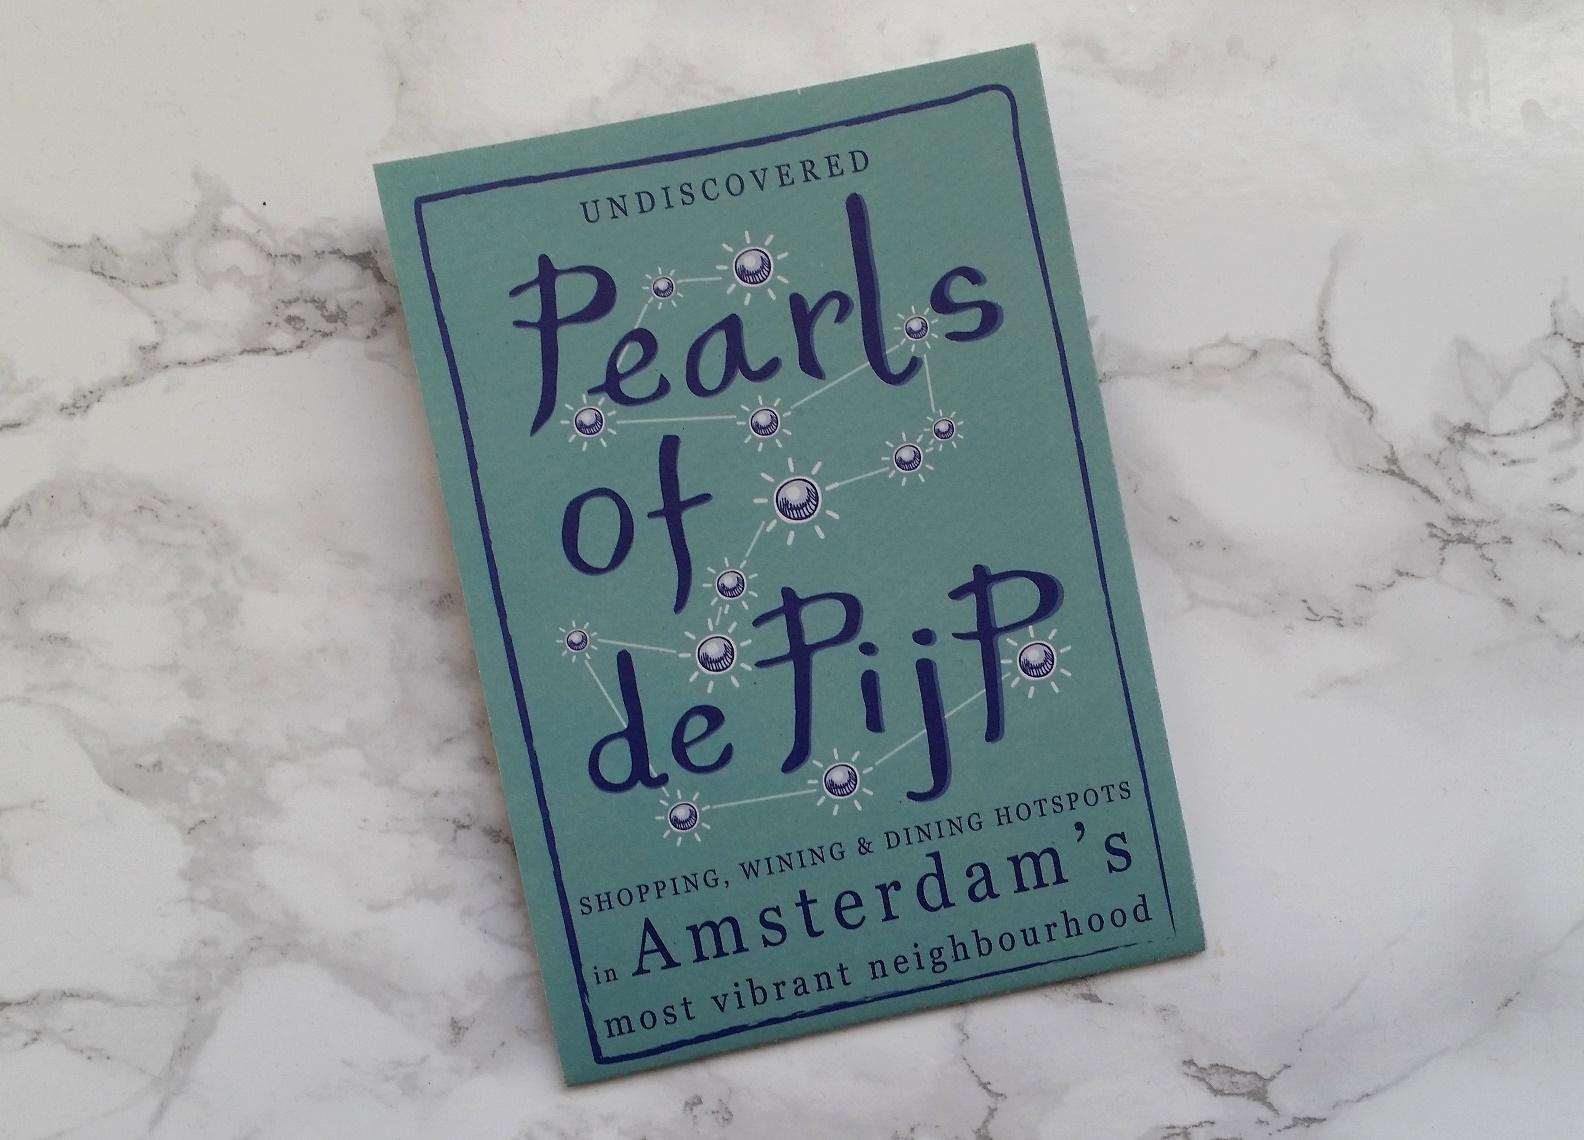 Pearls of de Pijp